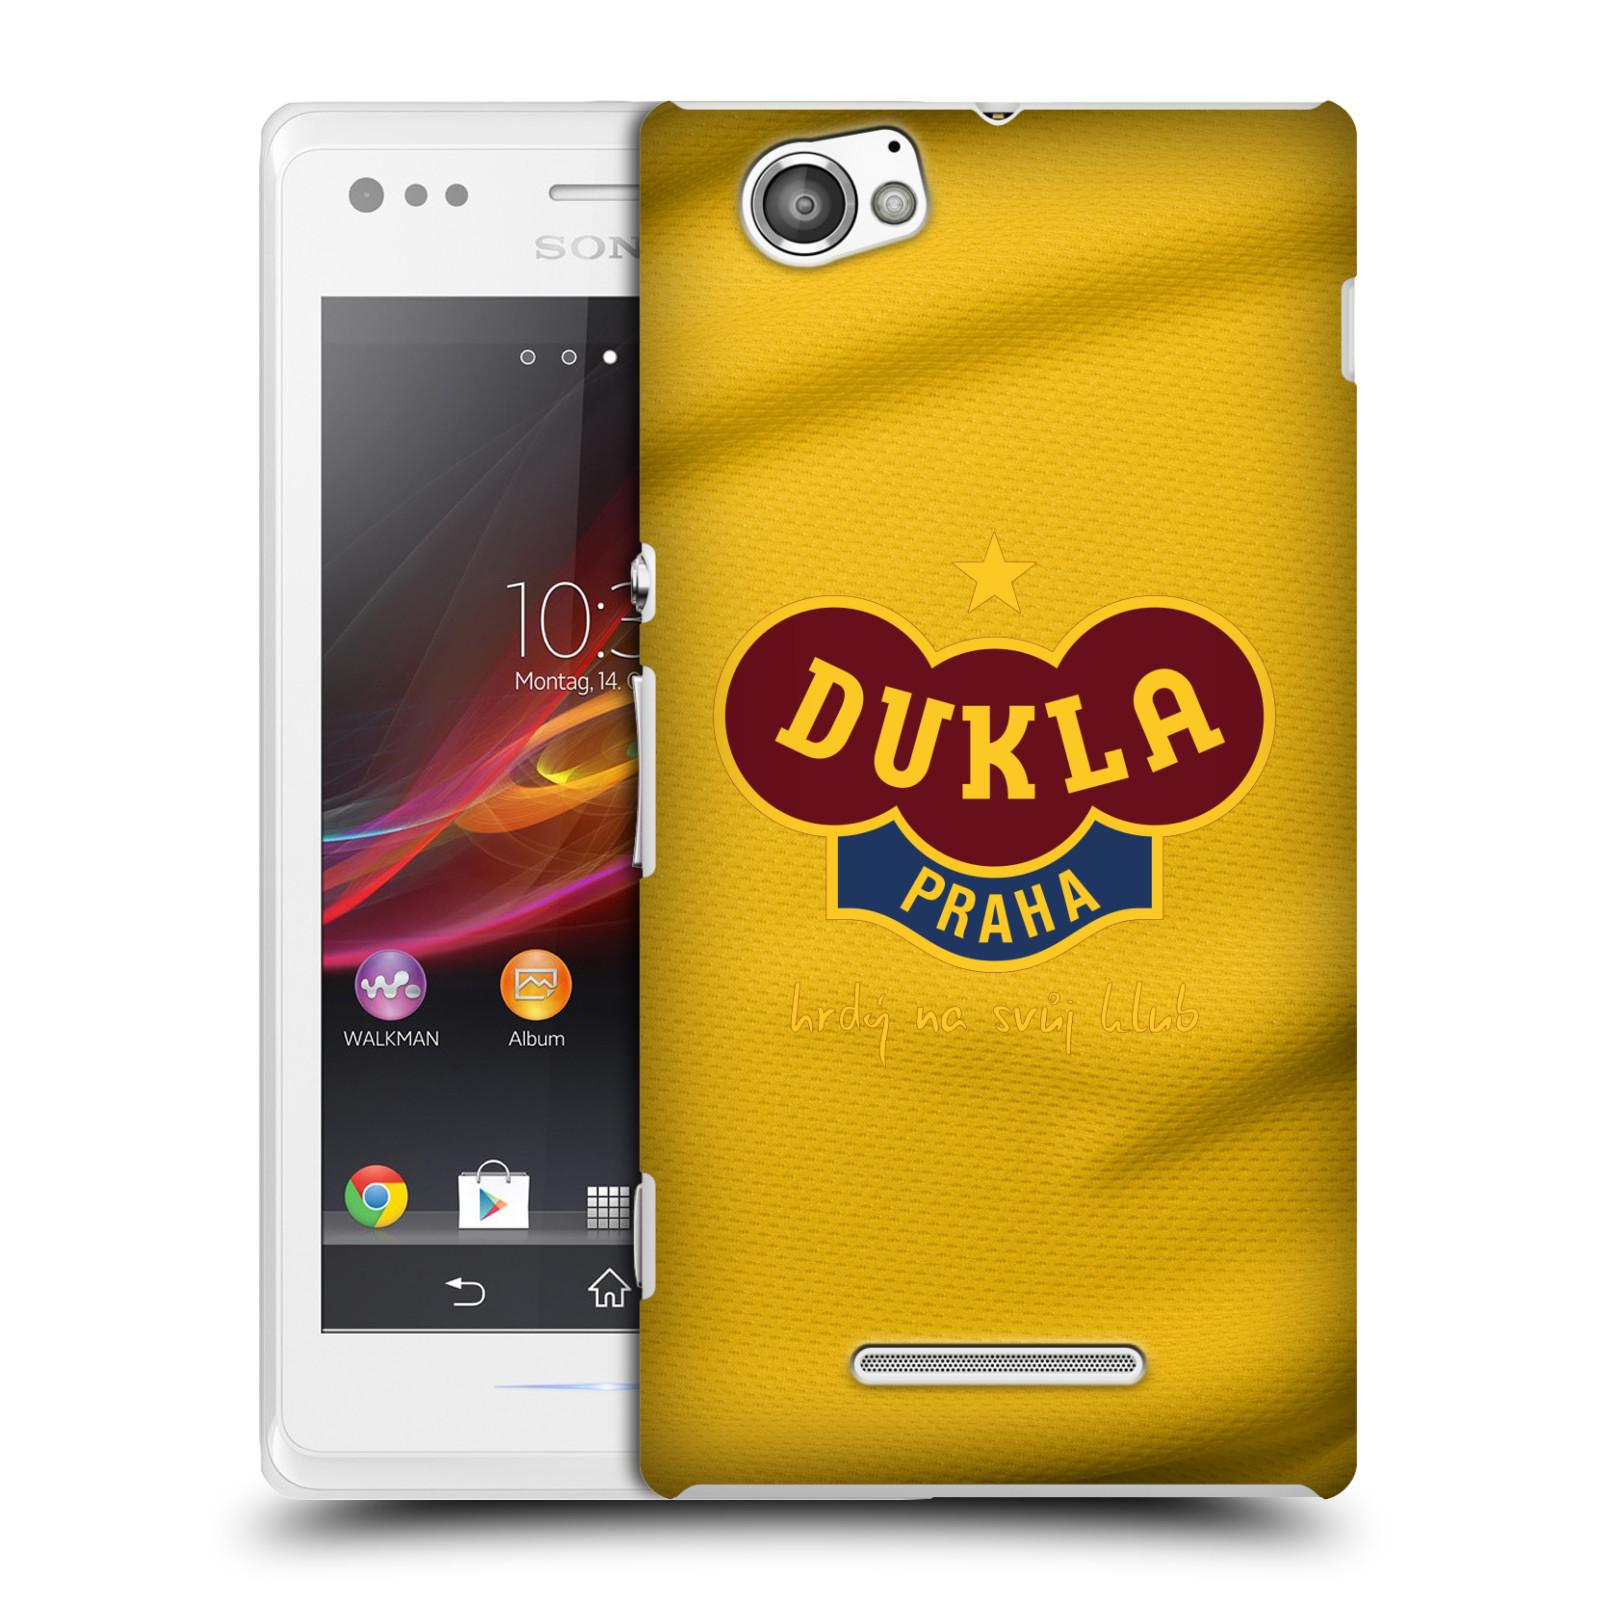 Plastové pouzdro na mobil Sony Xperia M C1905 - FK Dukla Praha - Žlutý dres